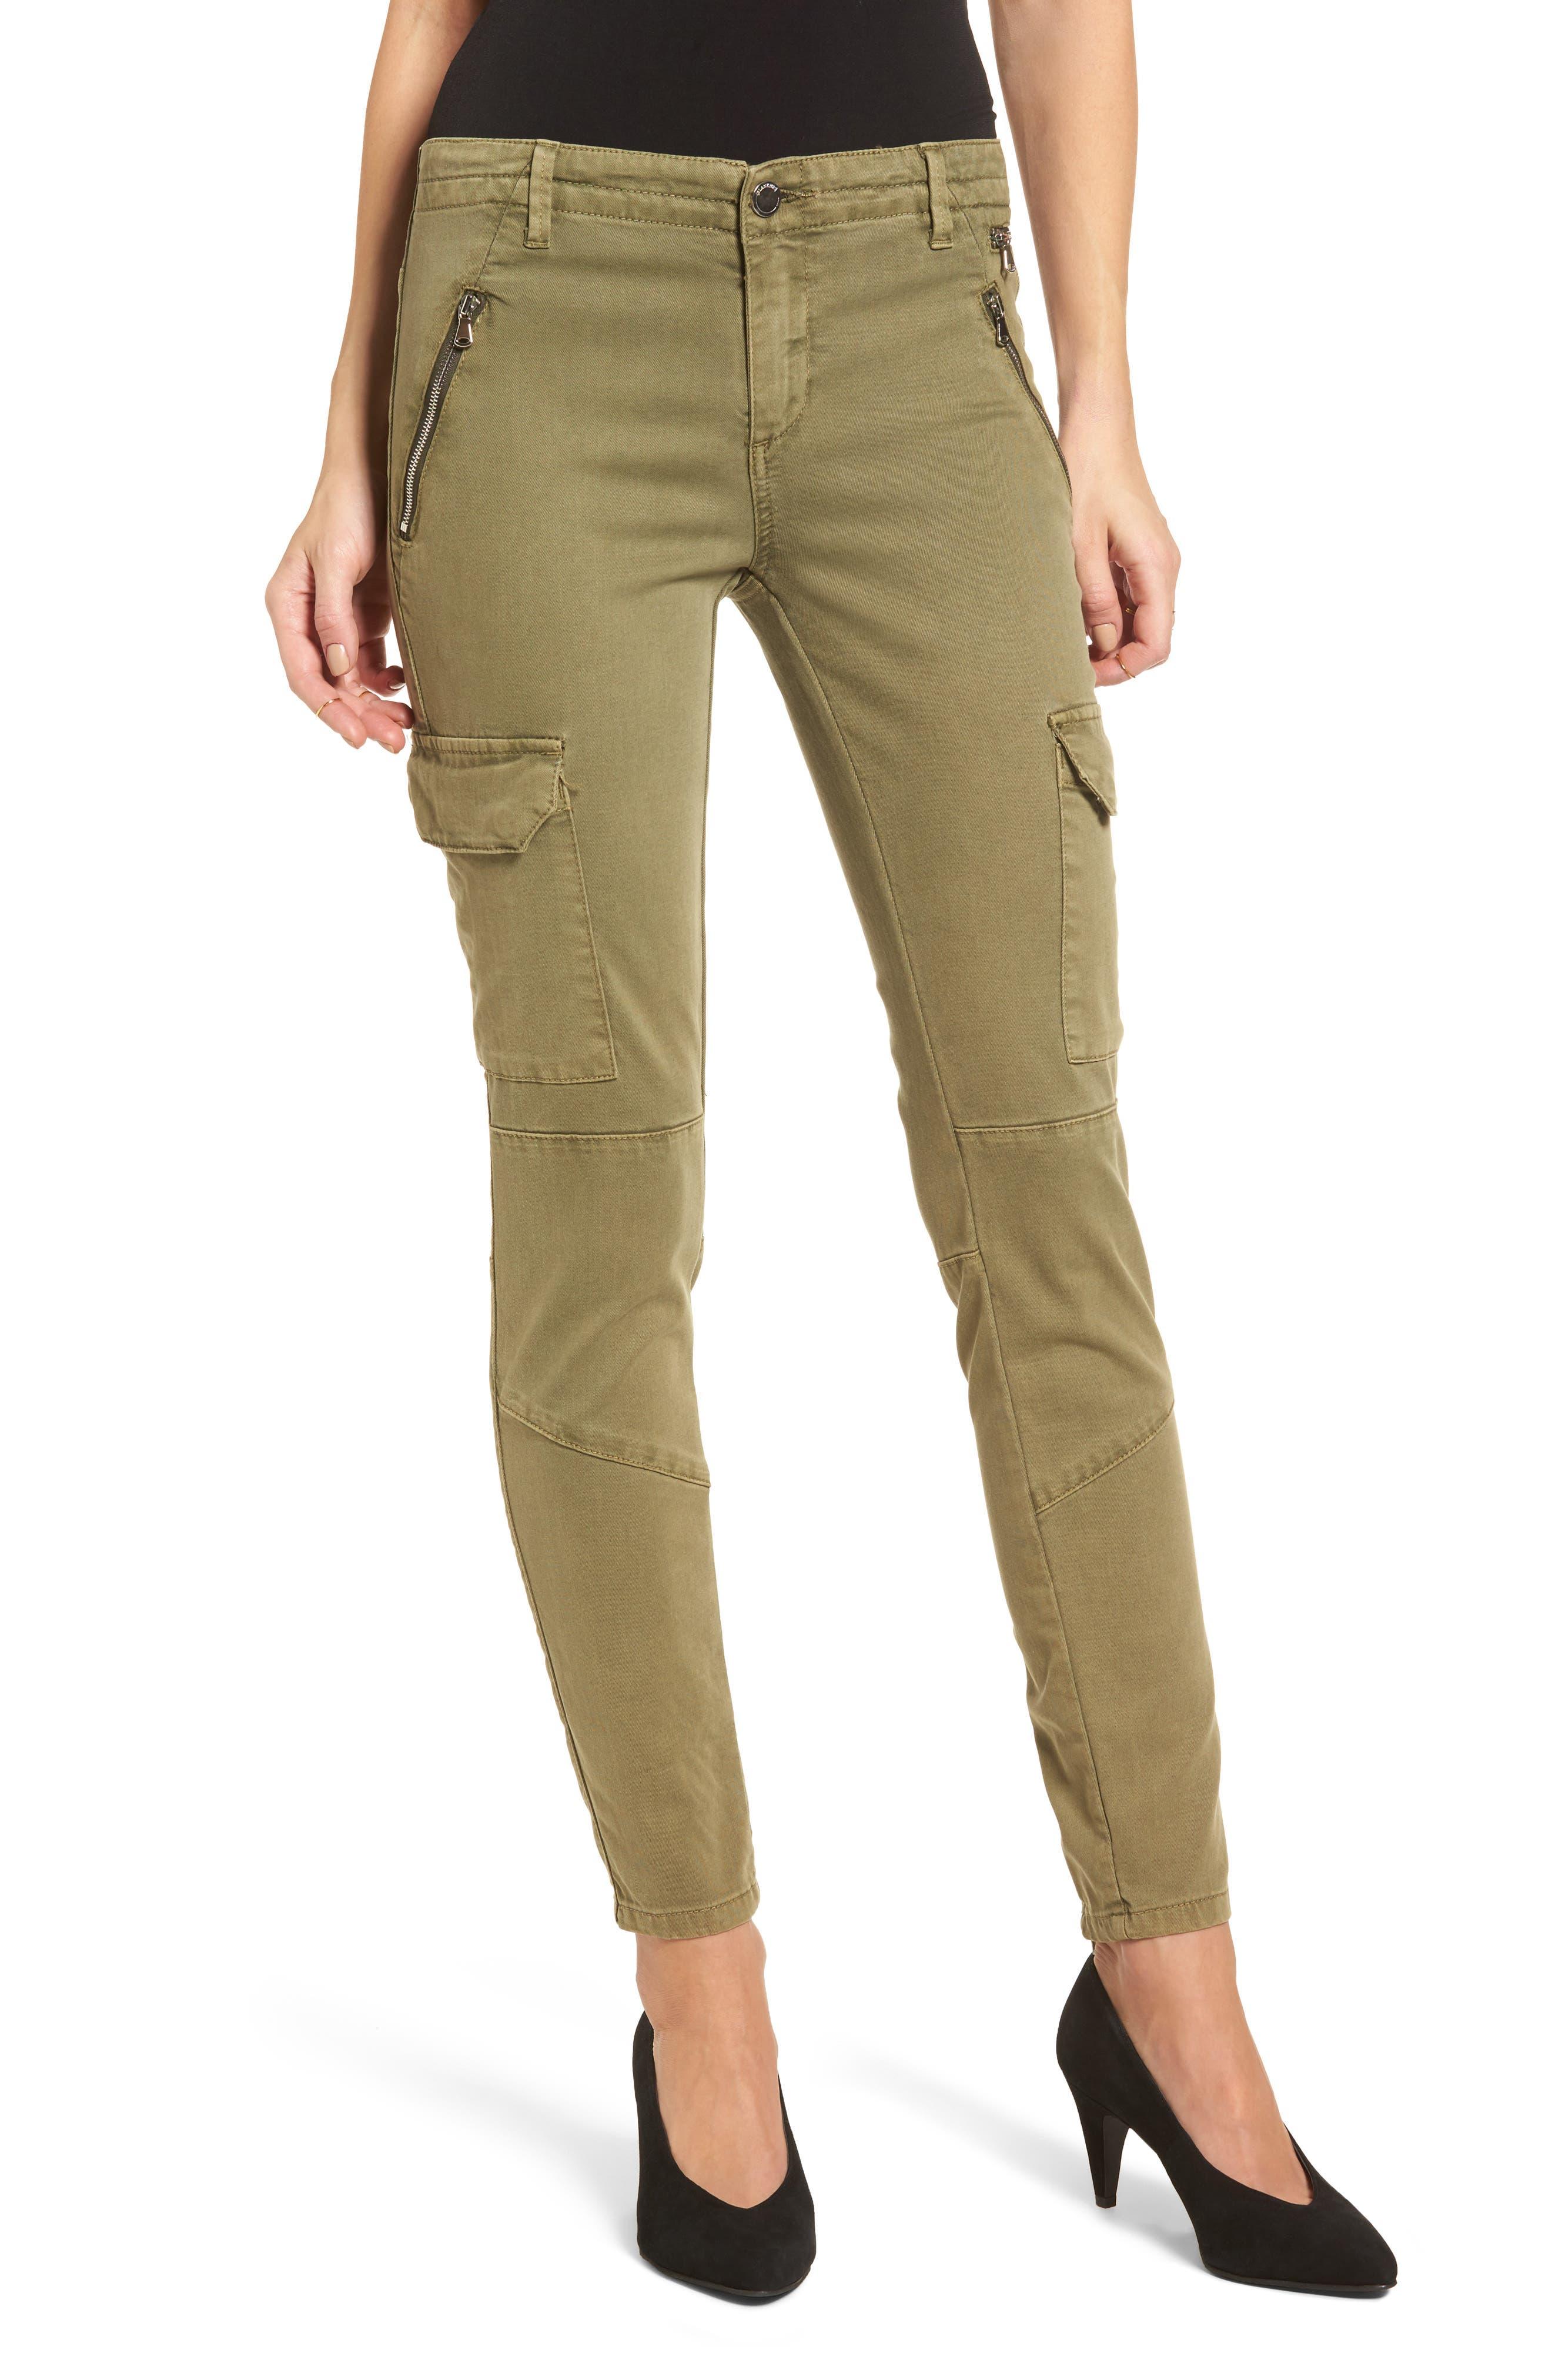 BLANKNYC Skinny Cargo Pants